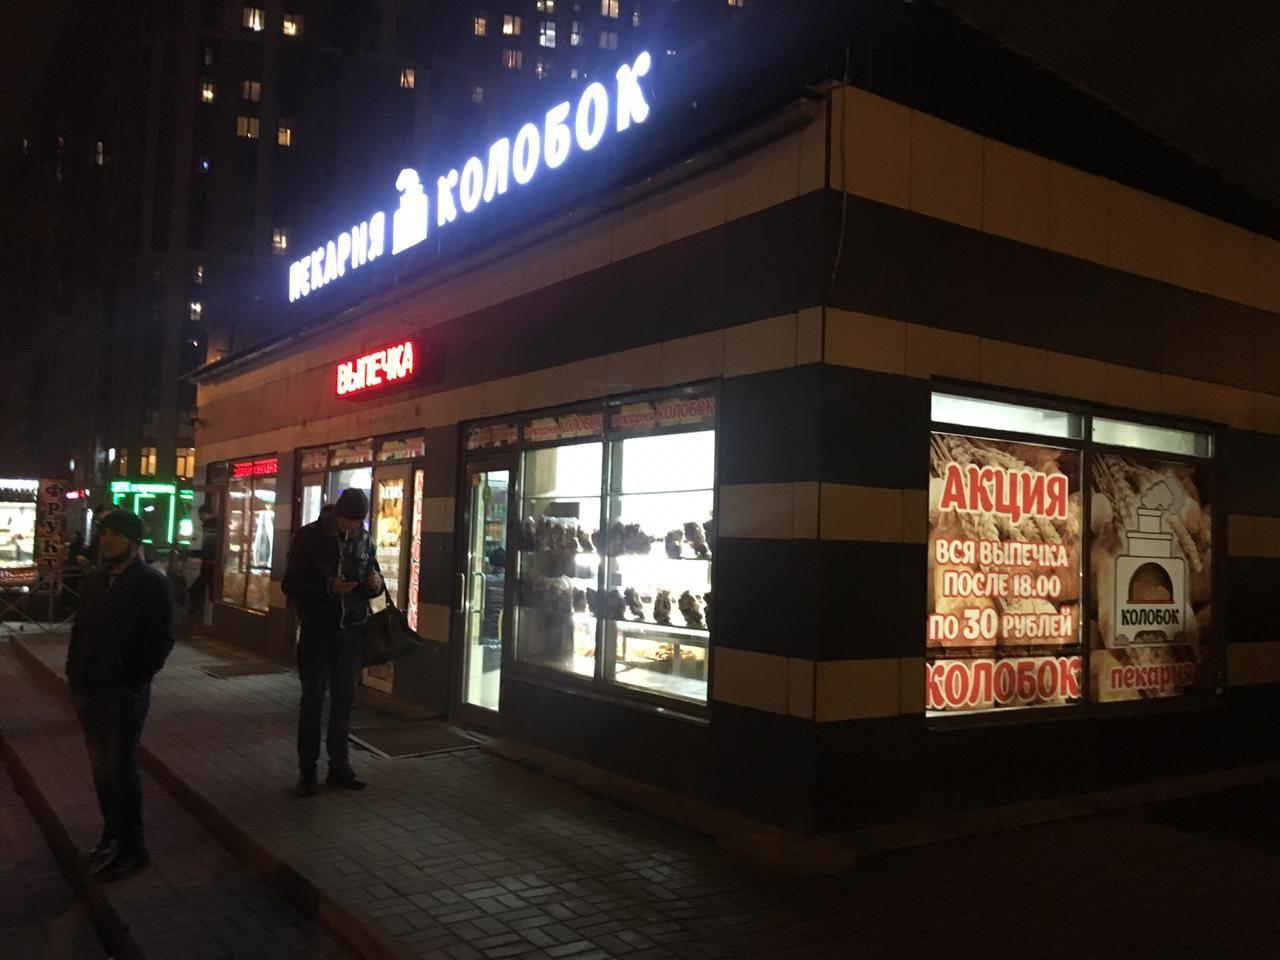 Пекарня  у метро на севере города, прибыль 200000